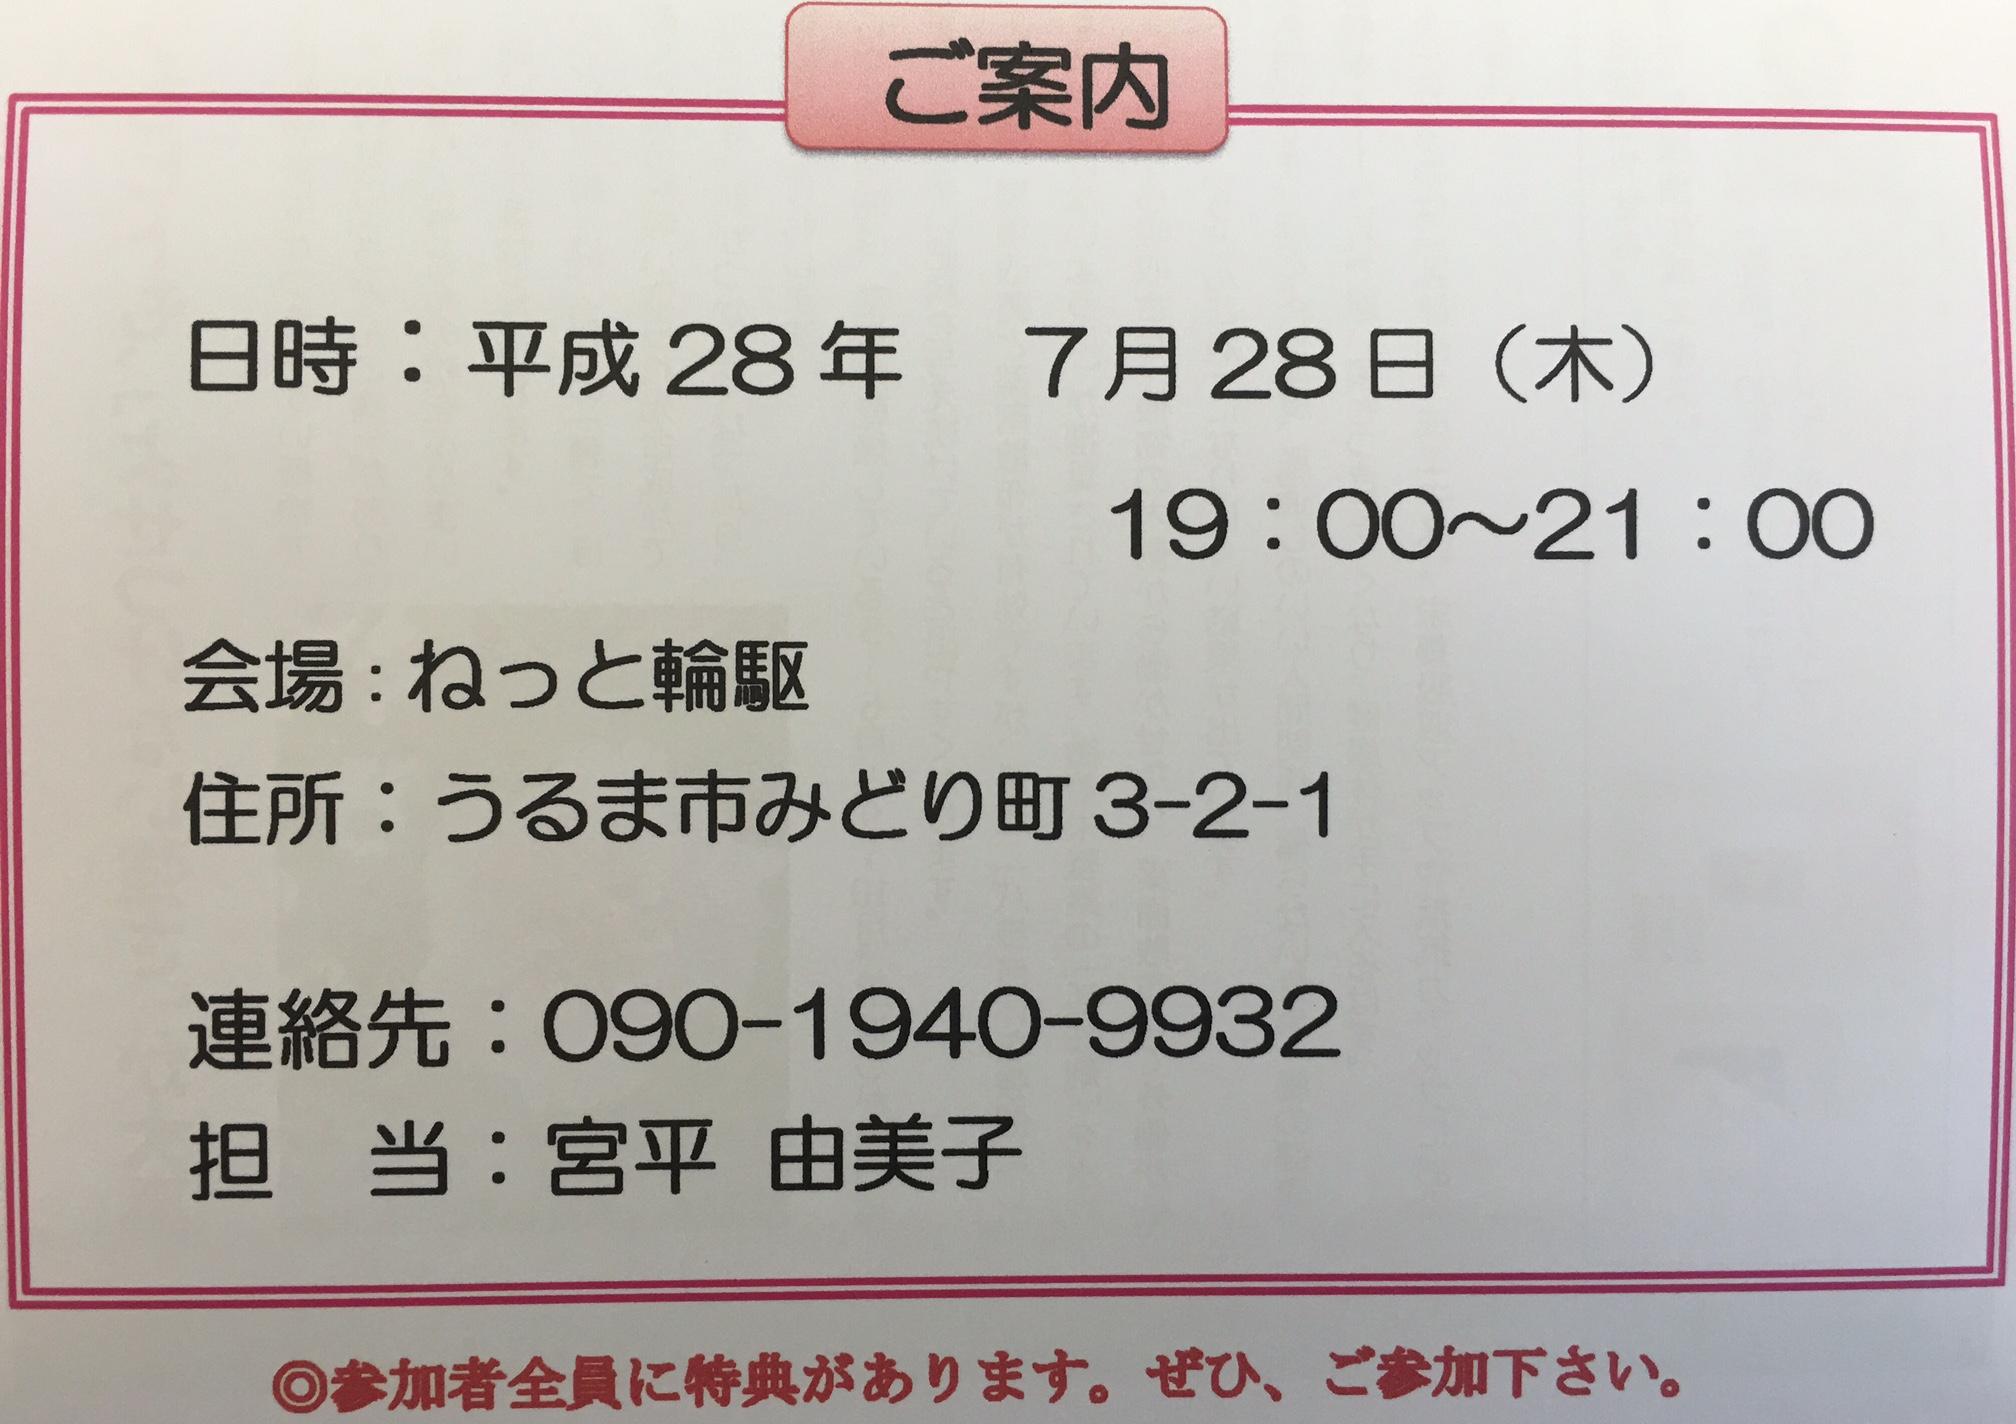 すこやかゼミナール開催!